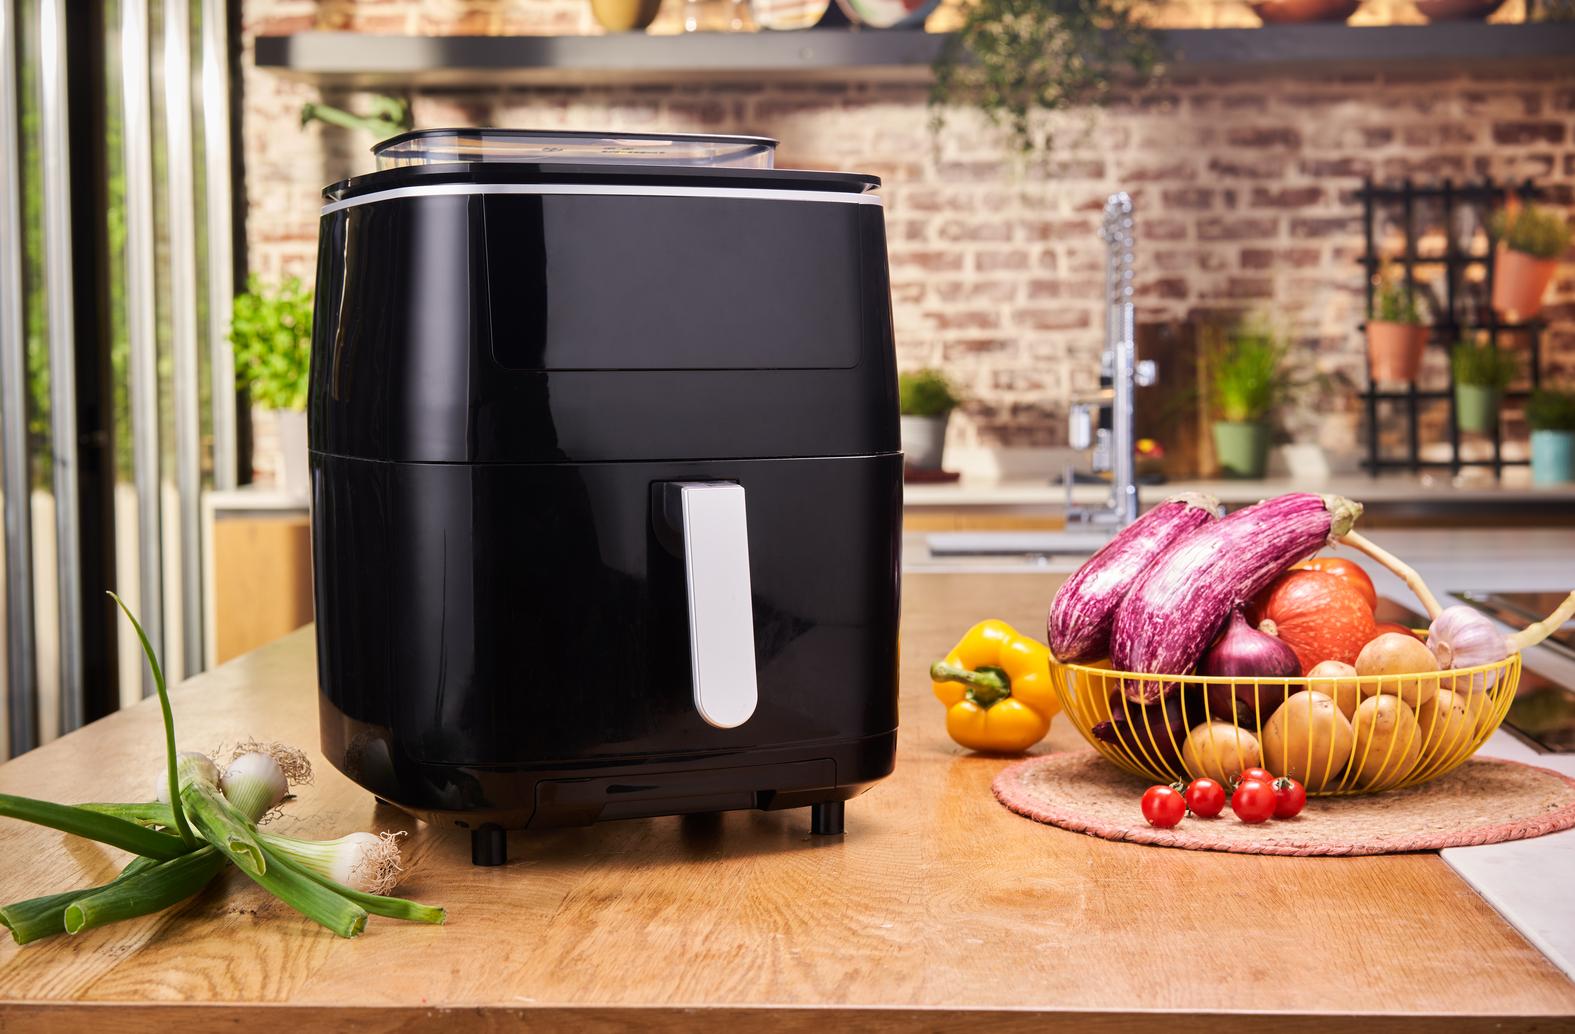 Die erste ihrer Art: Die neue Easy Fry Grill & Steam von Tefal kann frittieren, grillen und dampfgaren